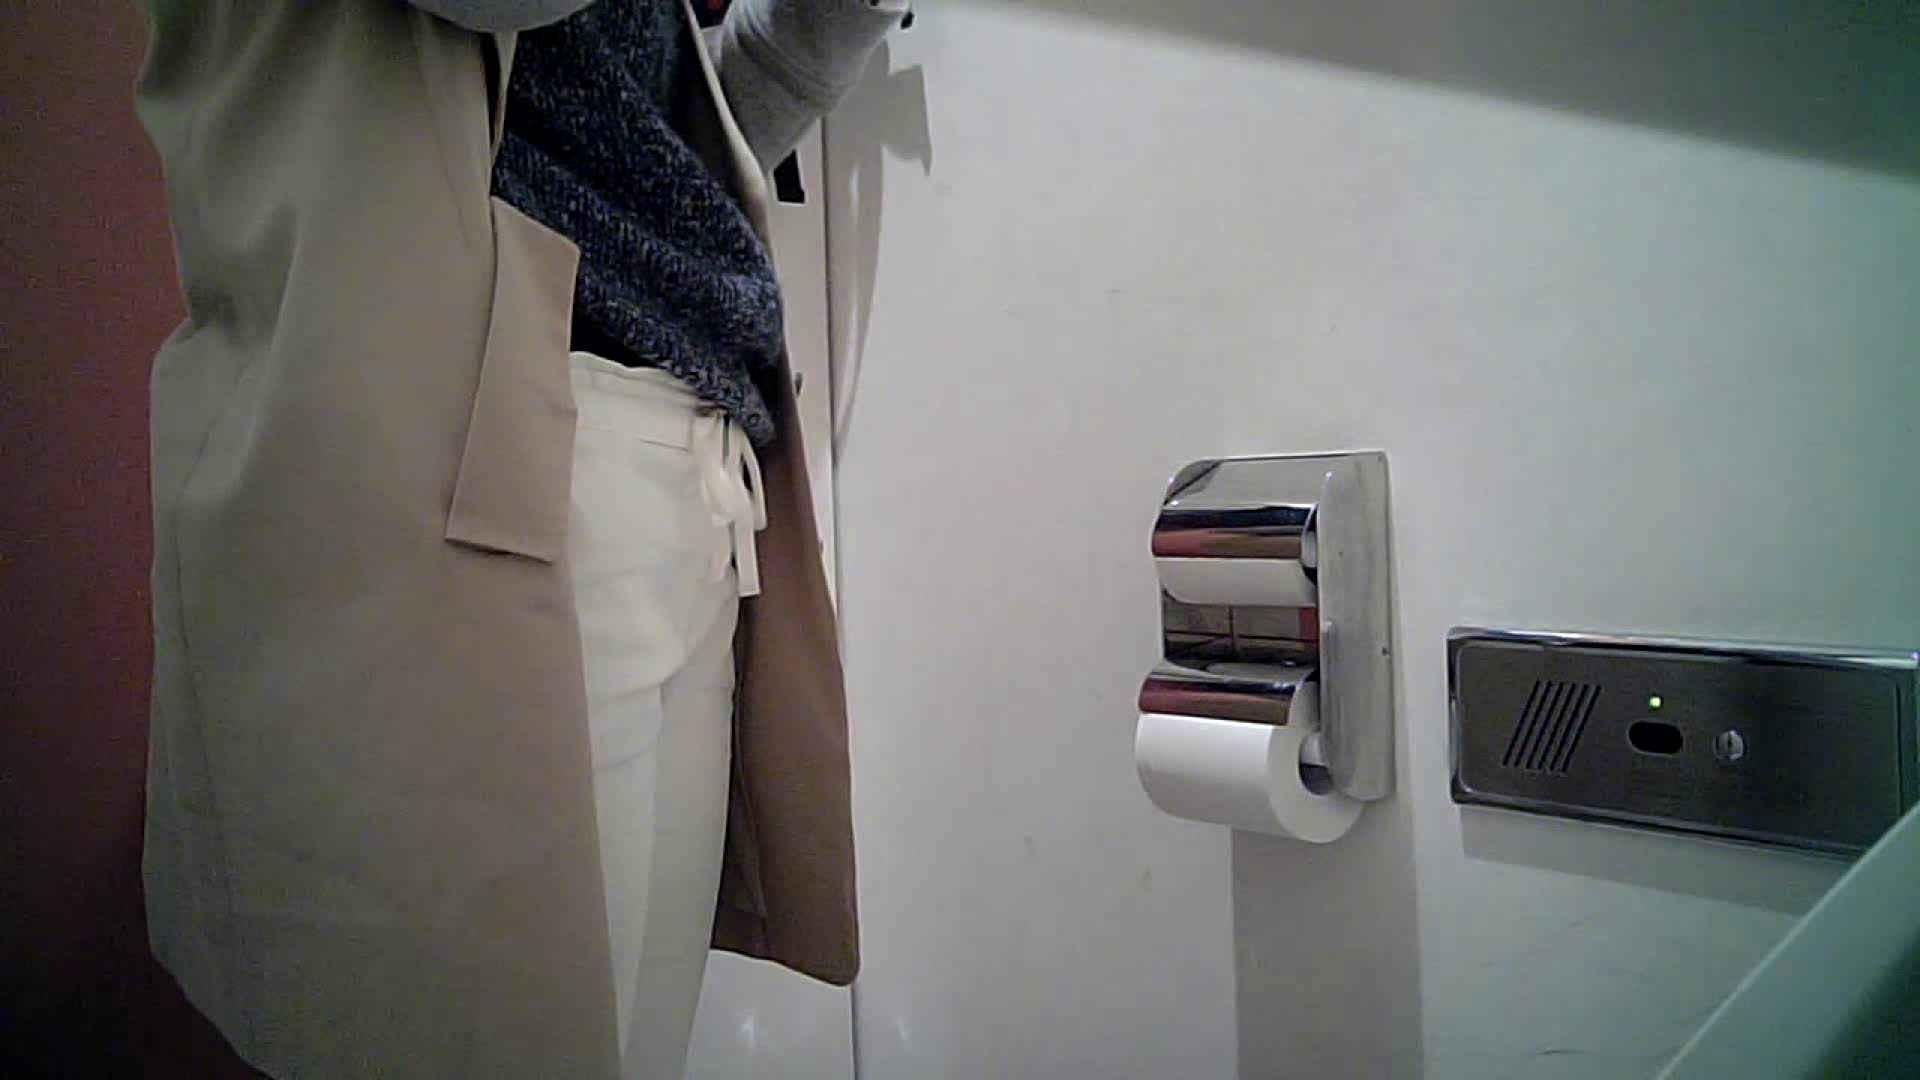 某有名大学女性洗面所 vol.26 和式 エロ無料画像 59PIX 40